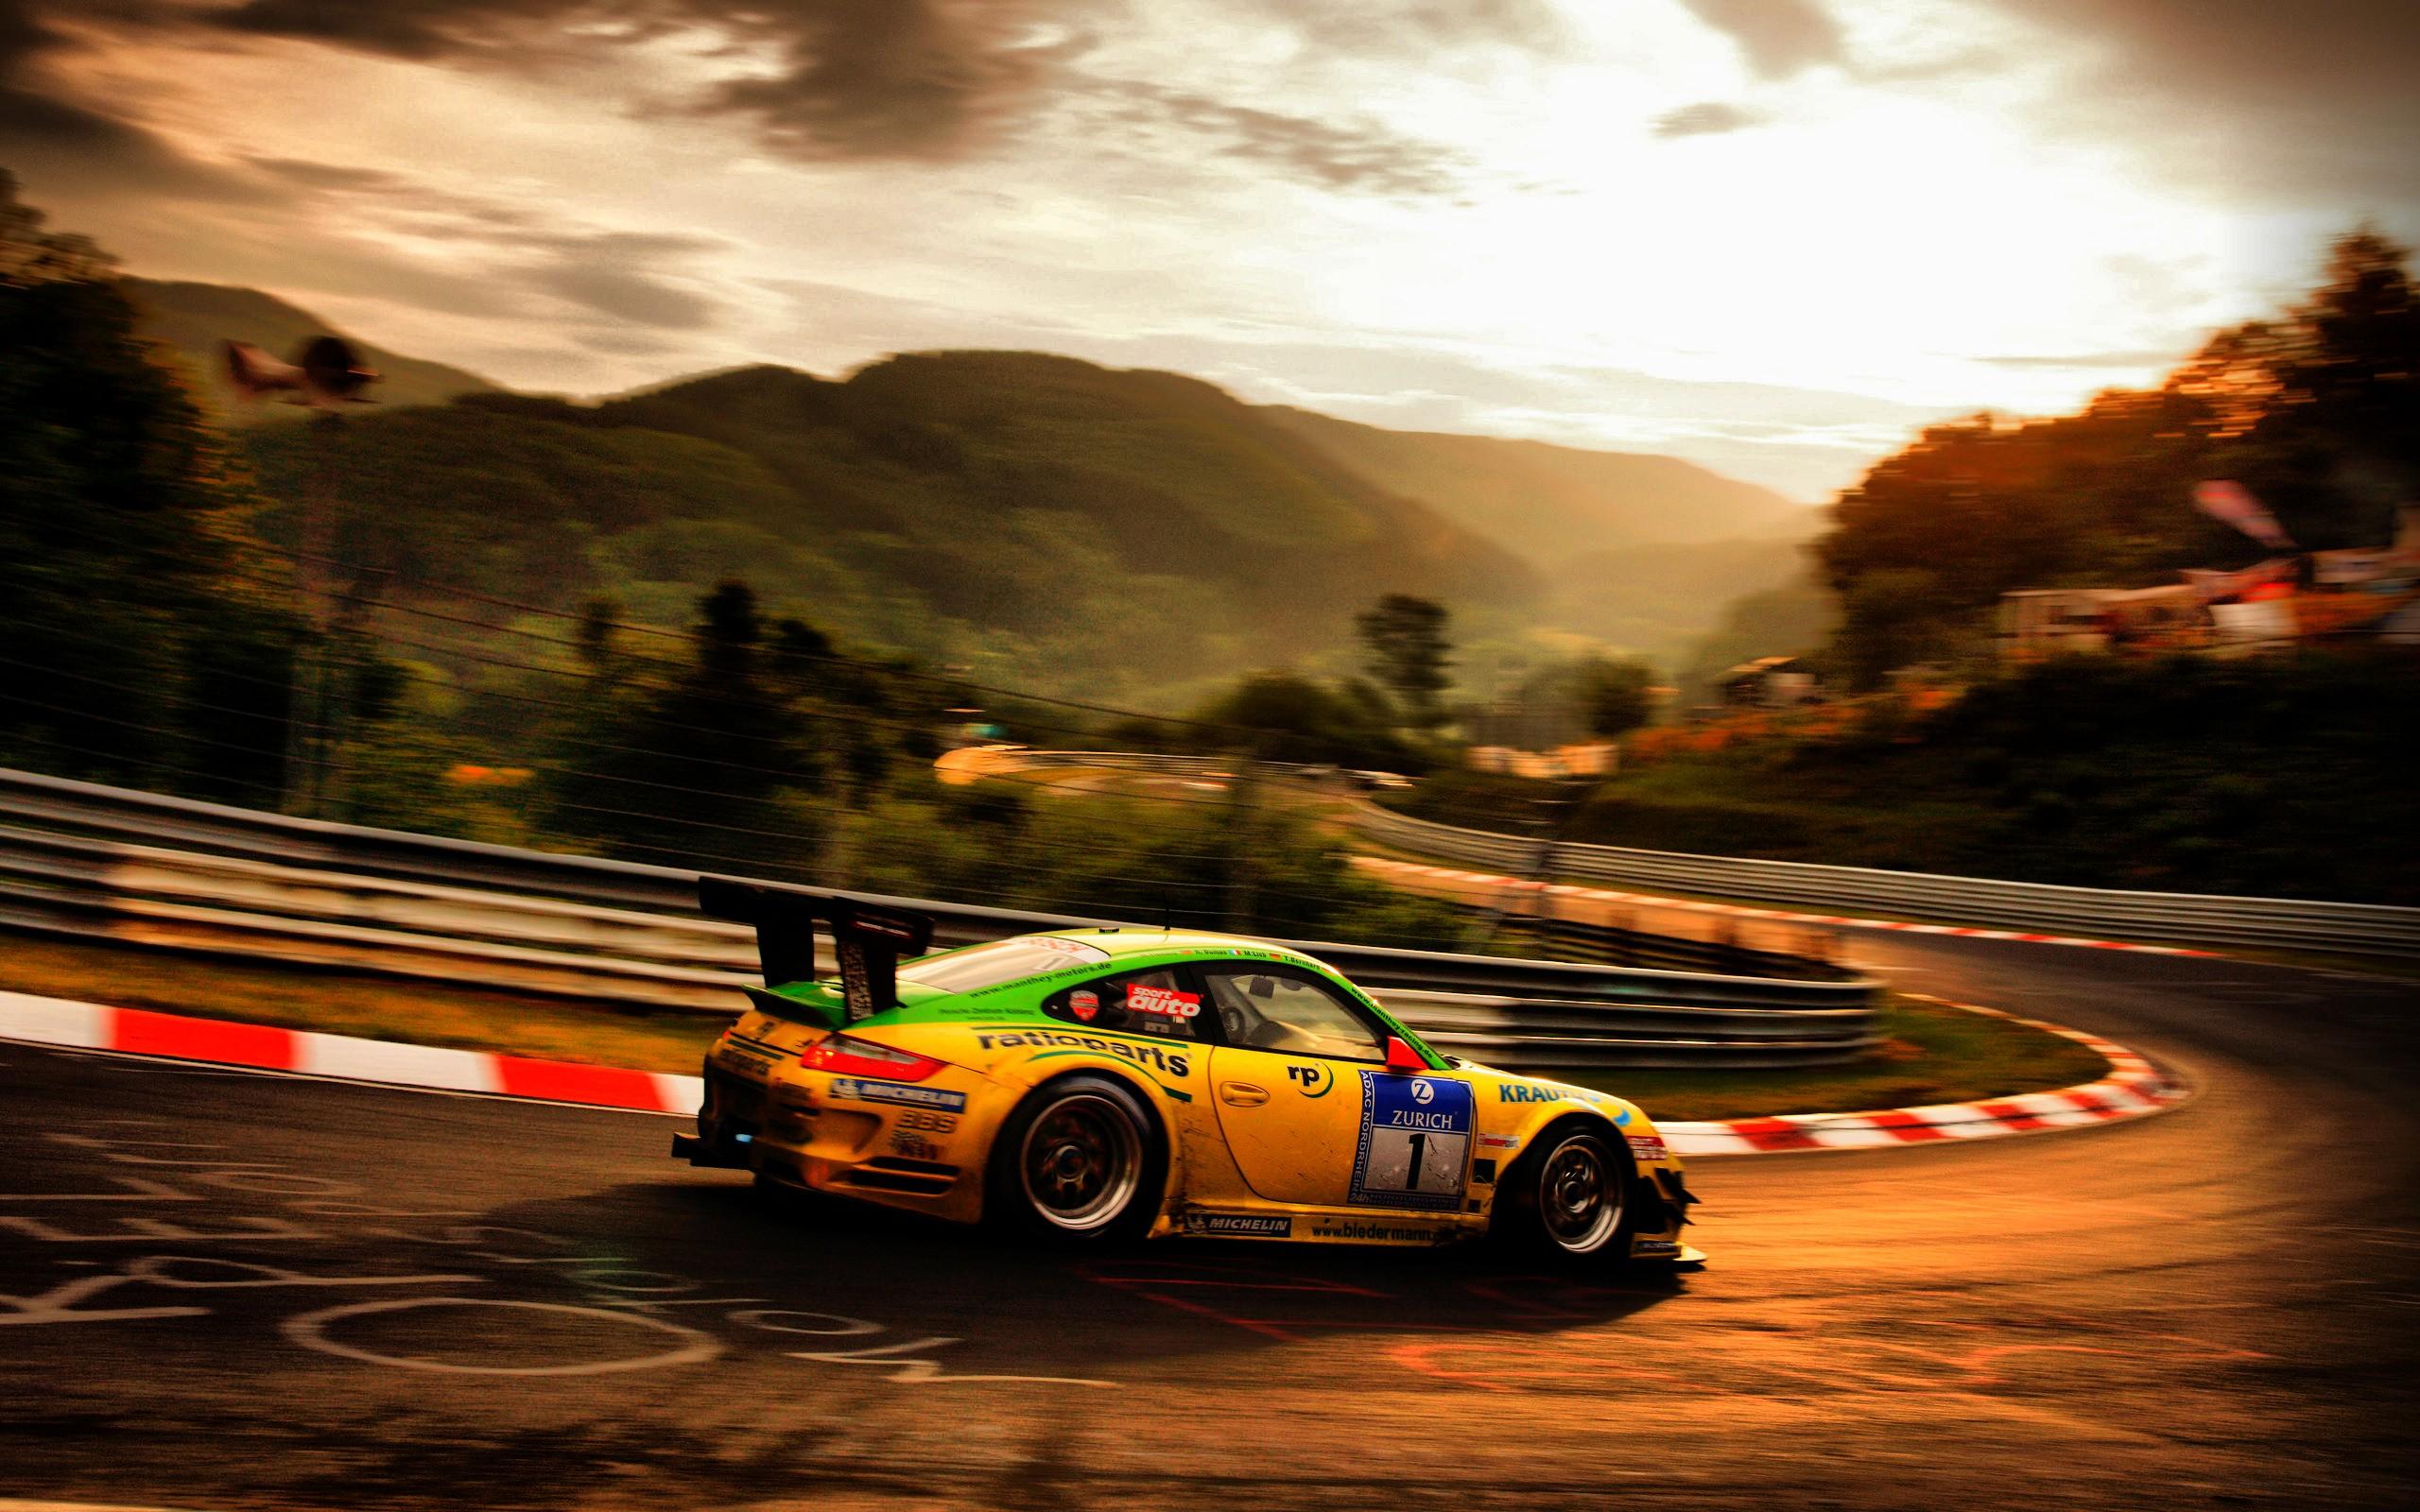 Porsche 911 gt3 HD Wallpapers | Best Wallpapers Fan|Download Free ...